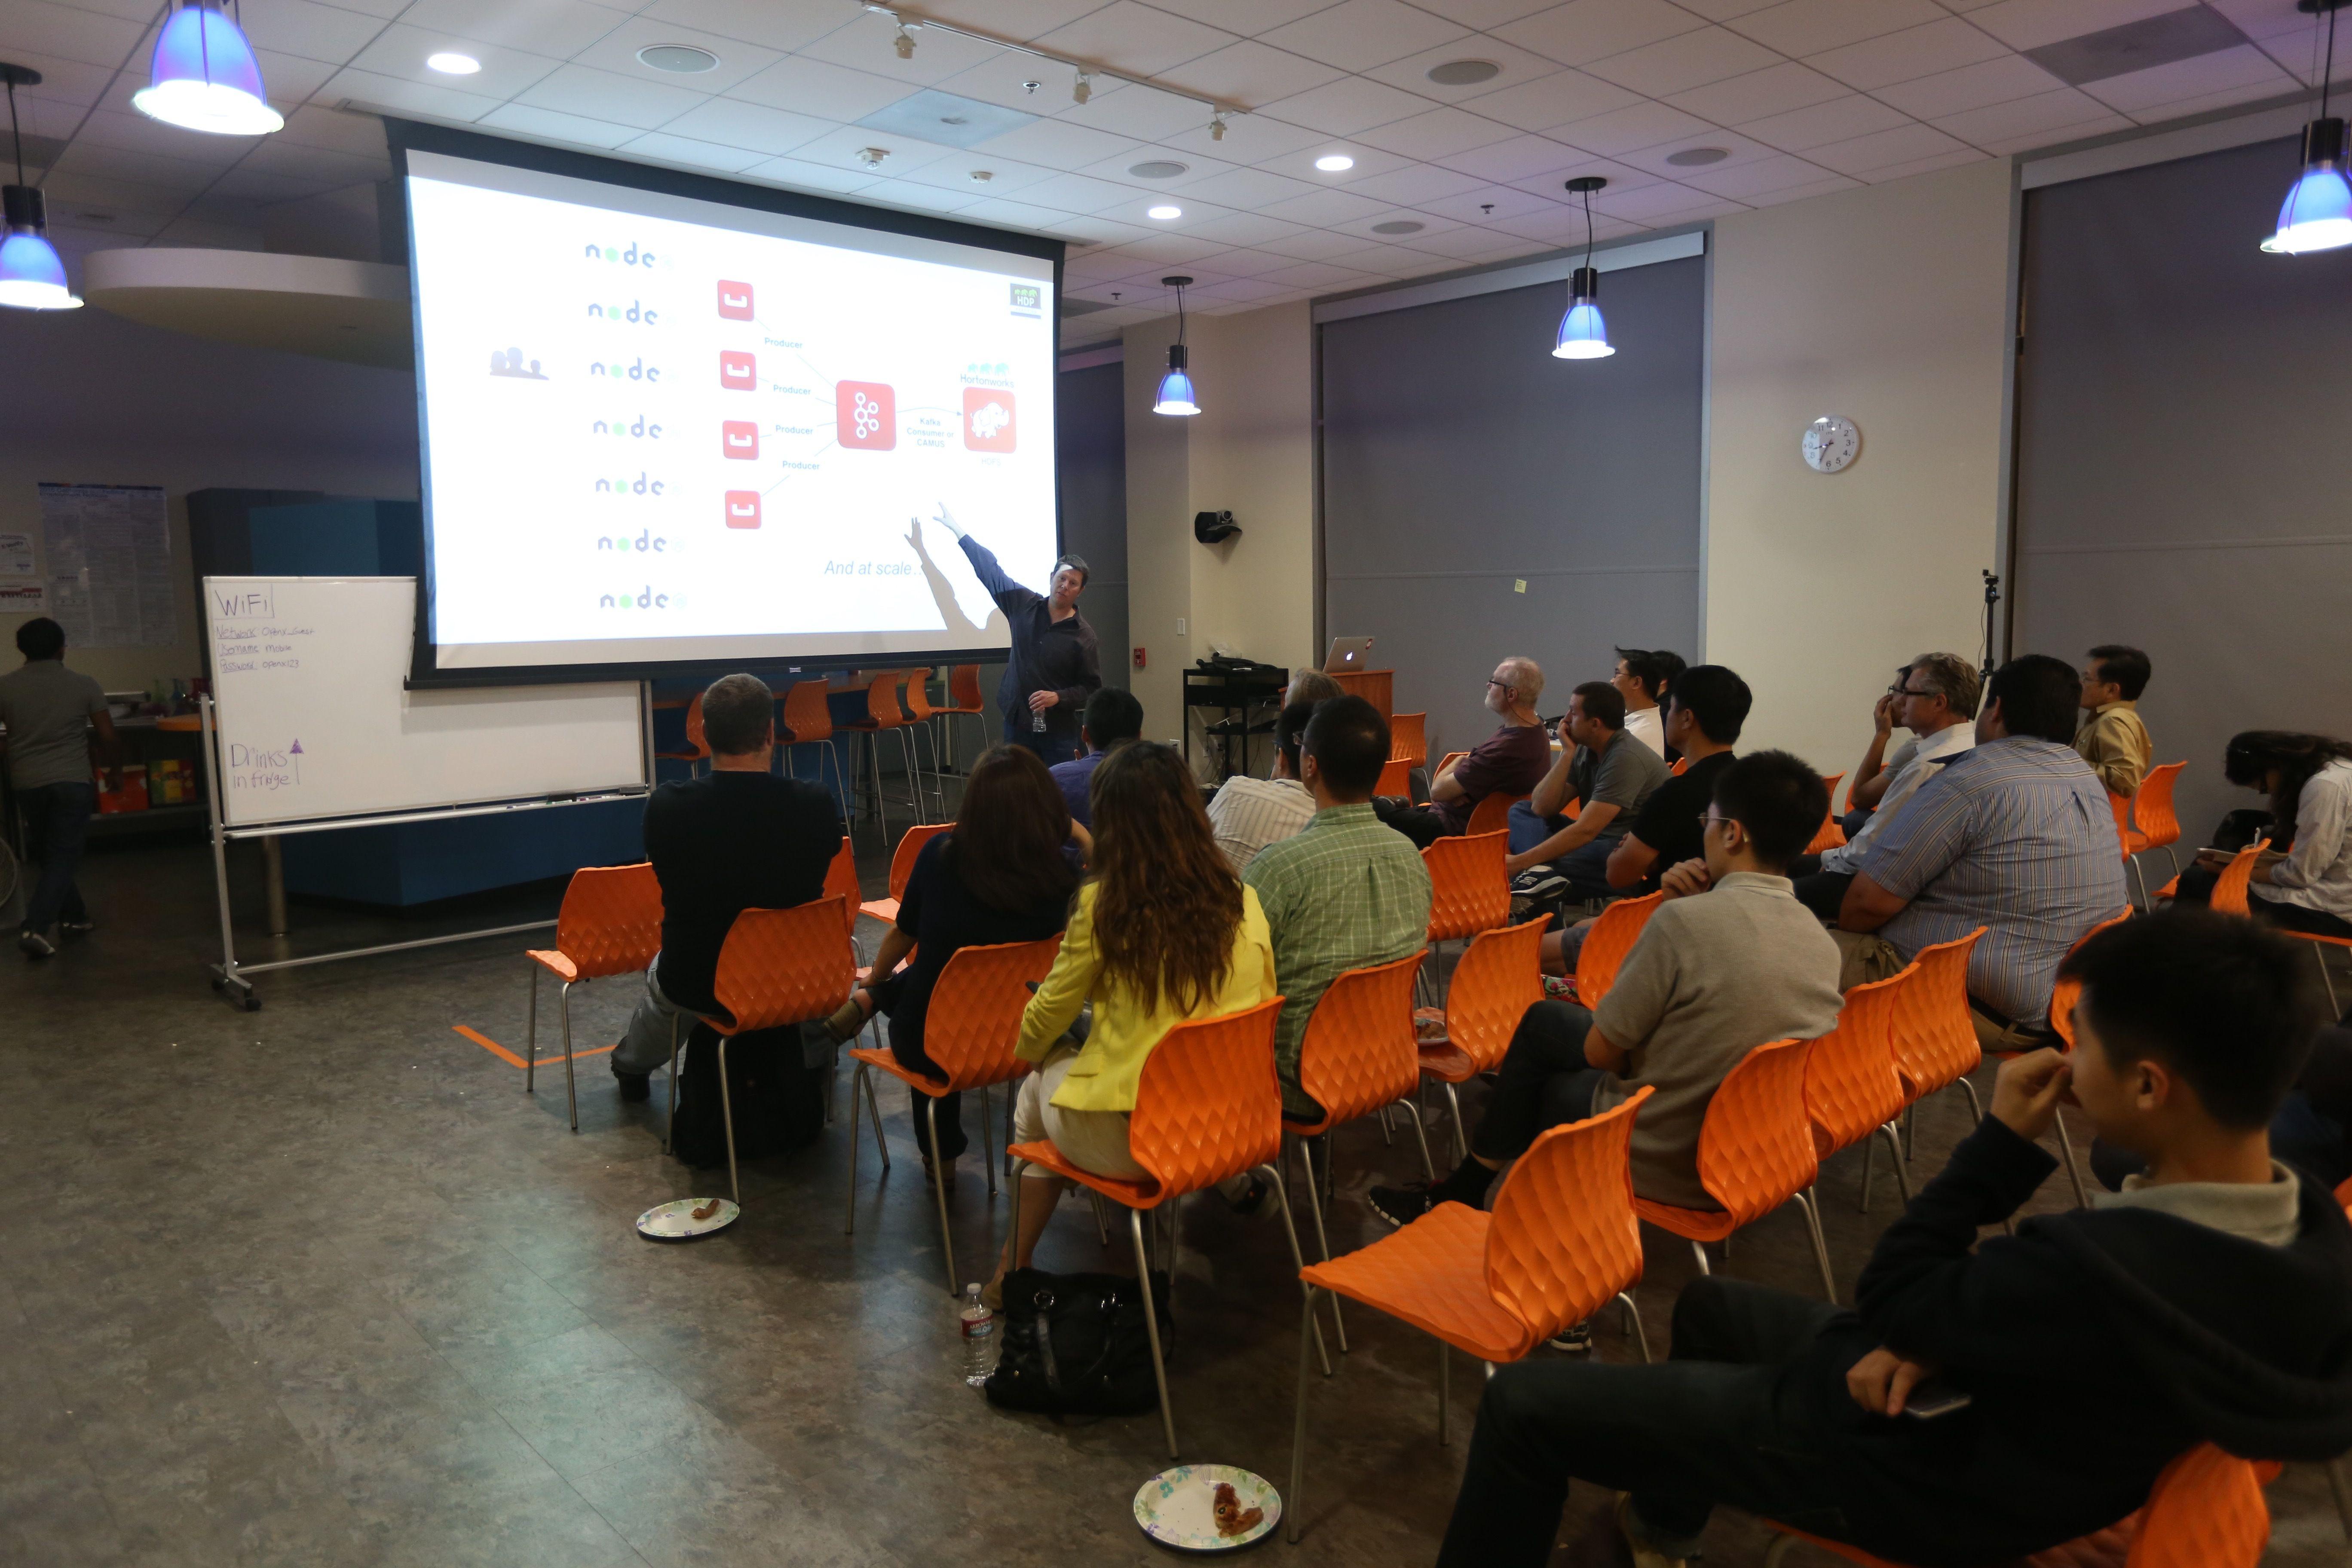 Pasadena Big Data User Group